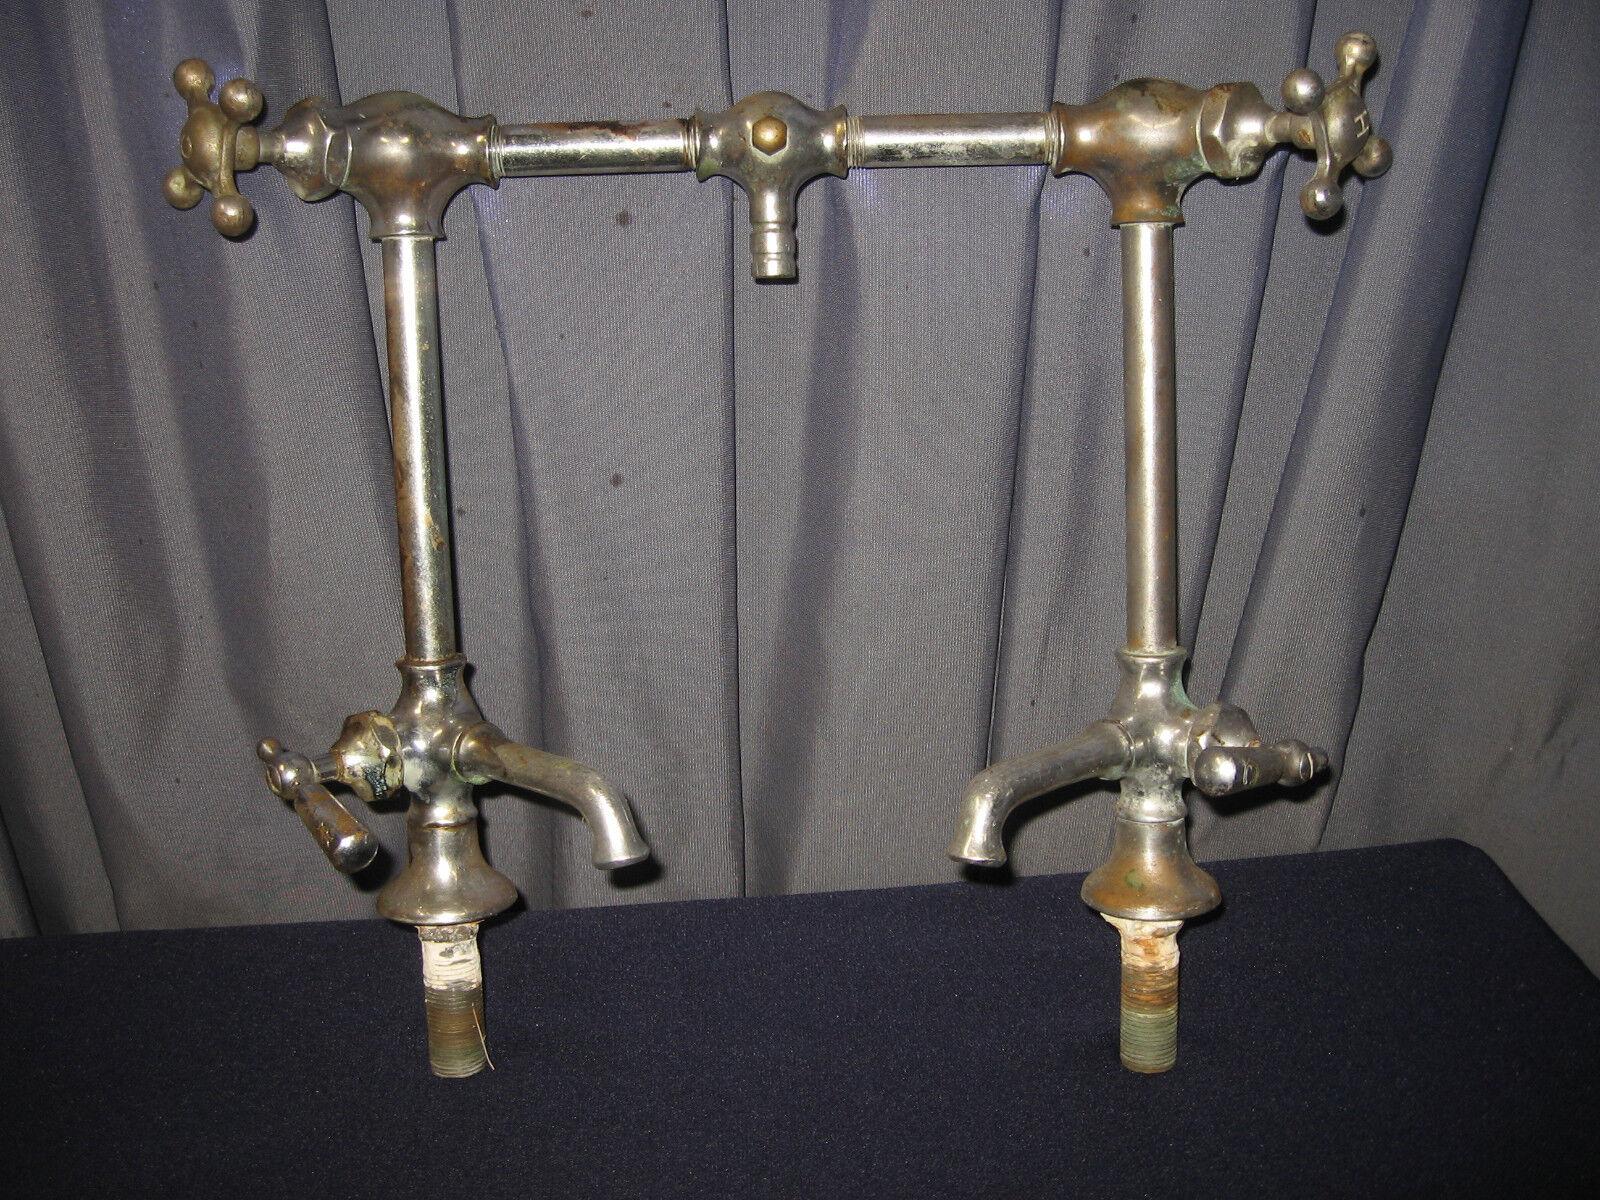 Rare Barber Shop Beauty Salon Vintage Sink Shower Faucets Antique ...